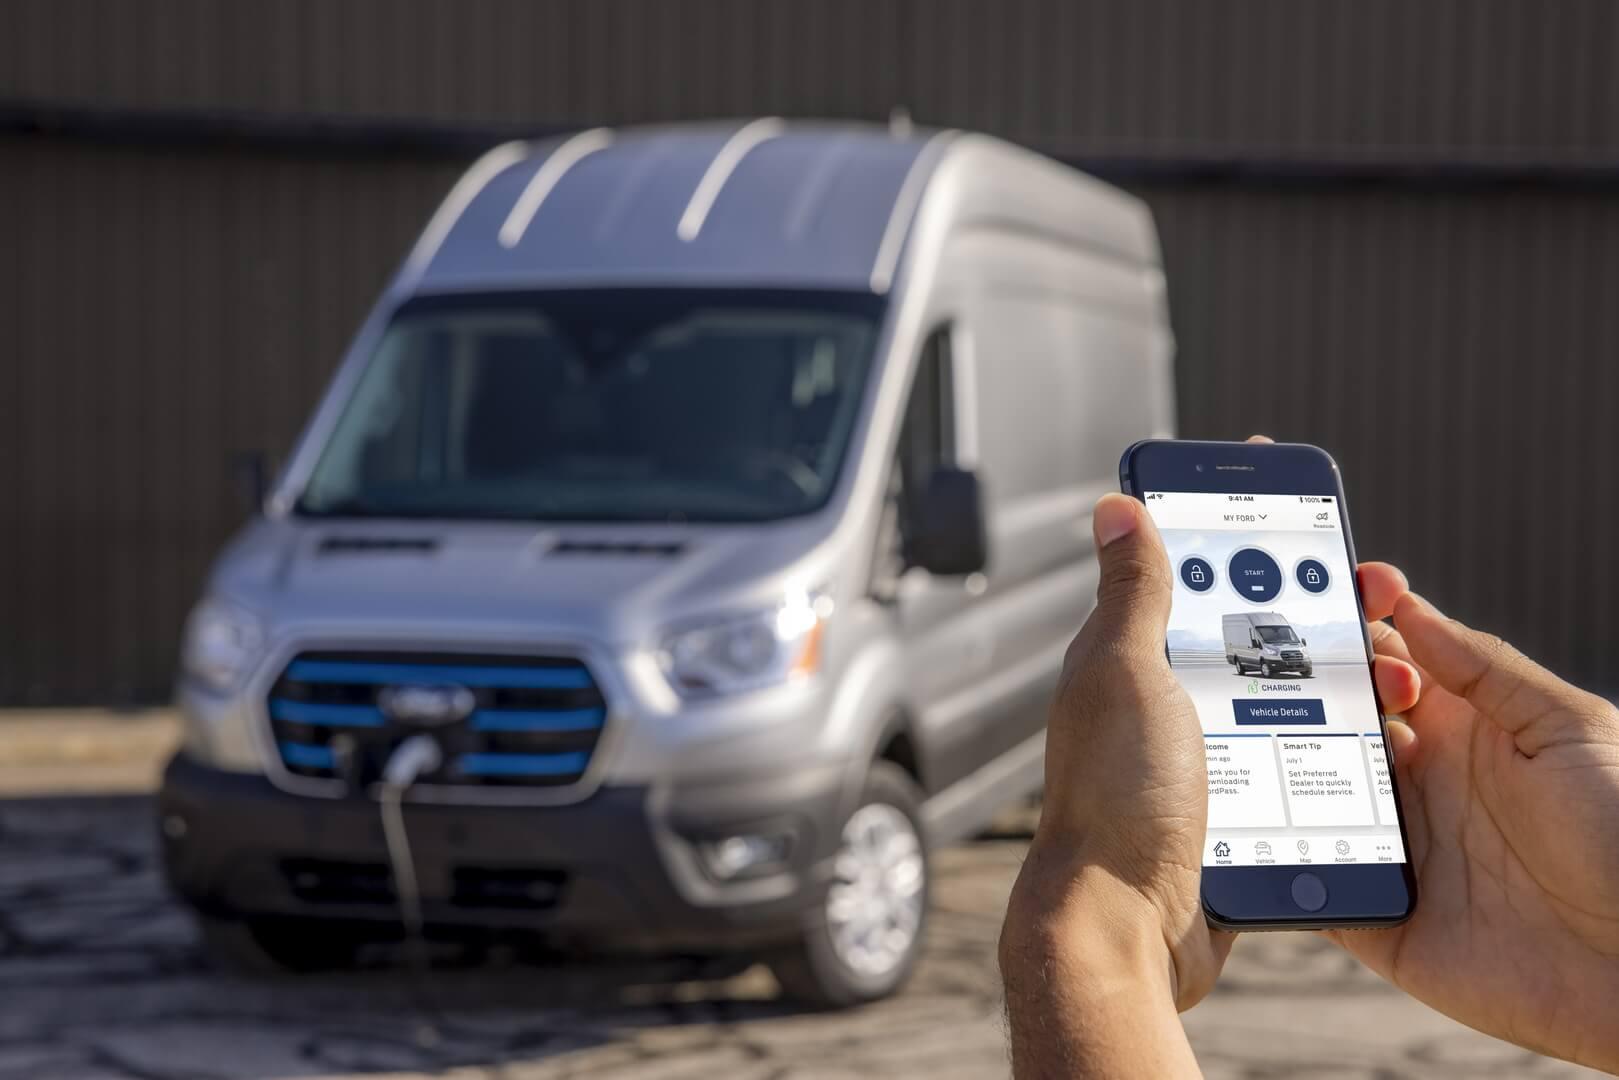 Электрический фургон Ford имеет передовое интеллектуальное оборудование